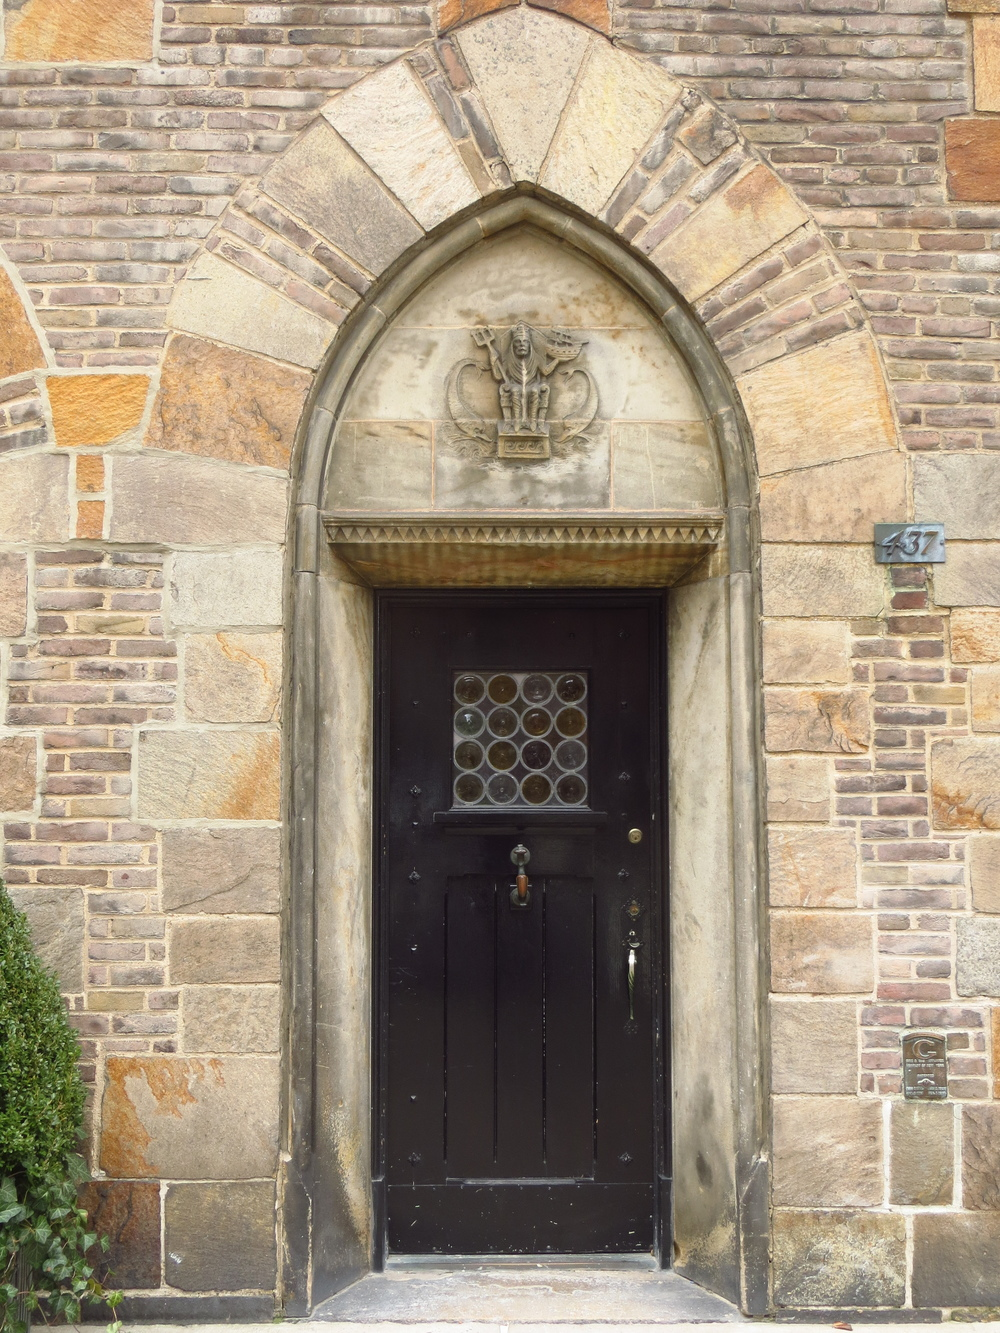 Gothic arch doorway